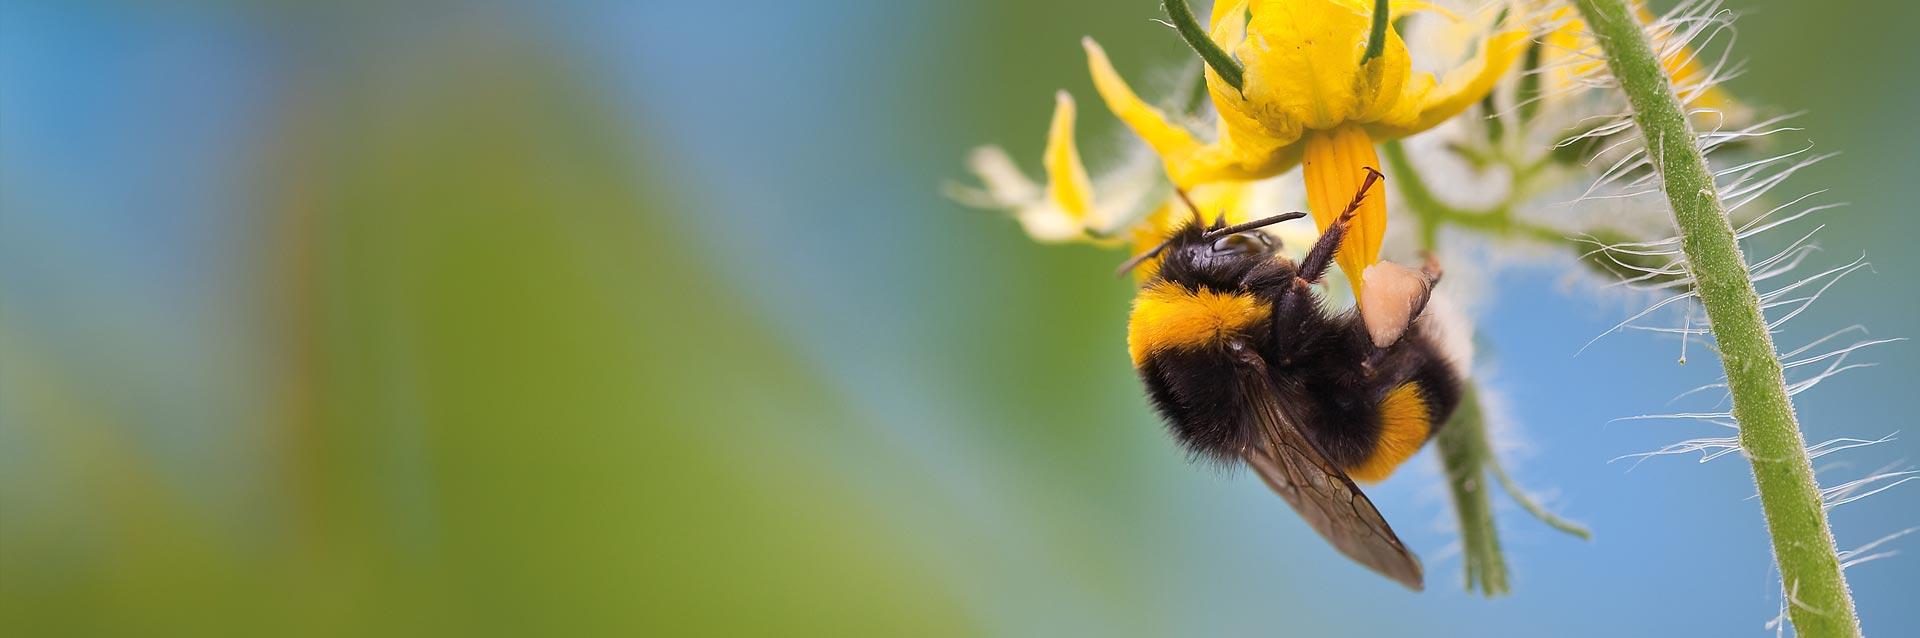 Gemüsebau Steiner: Bestäubung durch Hummeln und Schädlingsbekämpfung mit Nützlingen